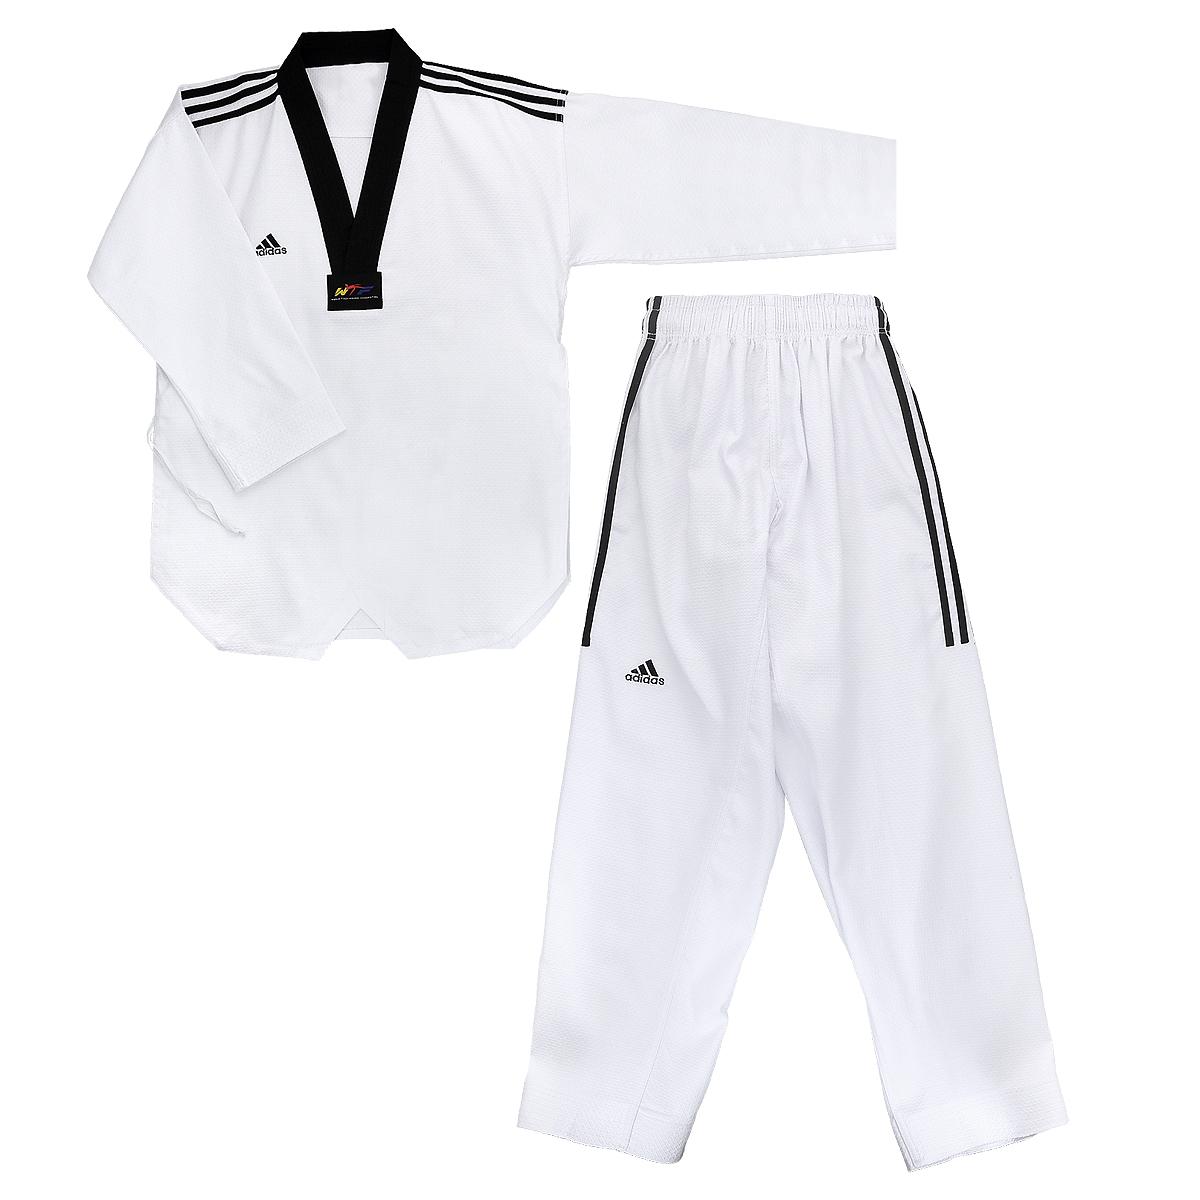 Кимоно для тхэквондо adidas Adi-GrandMaster 3, цвет: белый, черный. adiTGM01-WH/BK. Размер 170adiTGM01-WH/BKКимоно для тхэквондо adidas Adi-GrandMaster 3 состоит из рубашки и брюк. Просторная рубашка без пояса с V-образным вырезом горловин, боковыми разрезами и длинными рукавами изготовлена из плотного полиэстера с добавлением хлопка. Боковые швы, края рукавов и полочка укреплены дополнительными строчками. В области талии по спинке рубашка дополнена эластичной резинкой для регулирования ширины.Просторные брюки особого покроя имеют широкий эластичный пояс, регулируемый скрытым шнурком. Низ брючин с внутренней стороны укреплен дополнительными строчками.Кимоно рекомендуется для тренировок в зале.